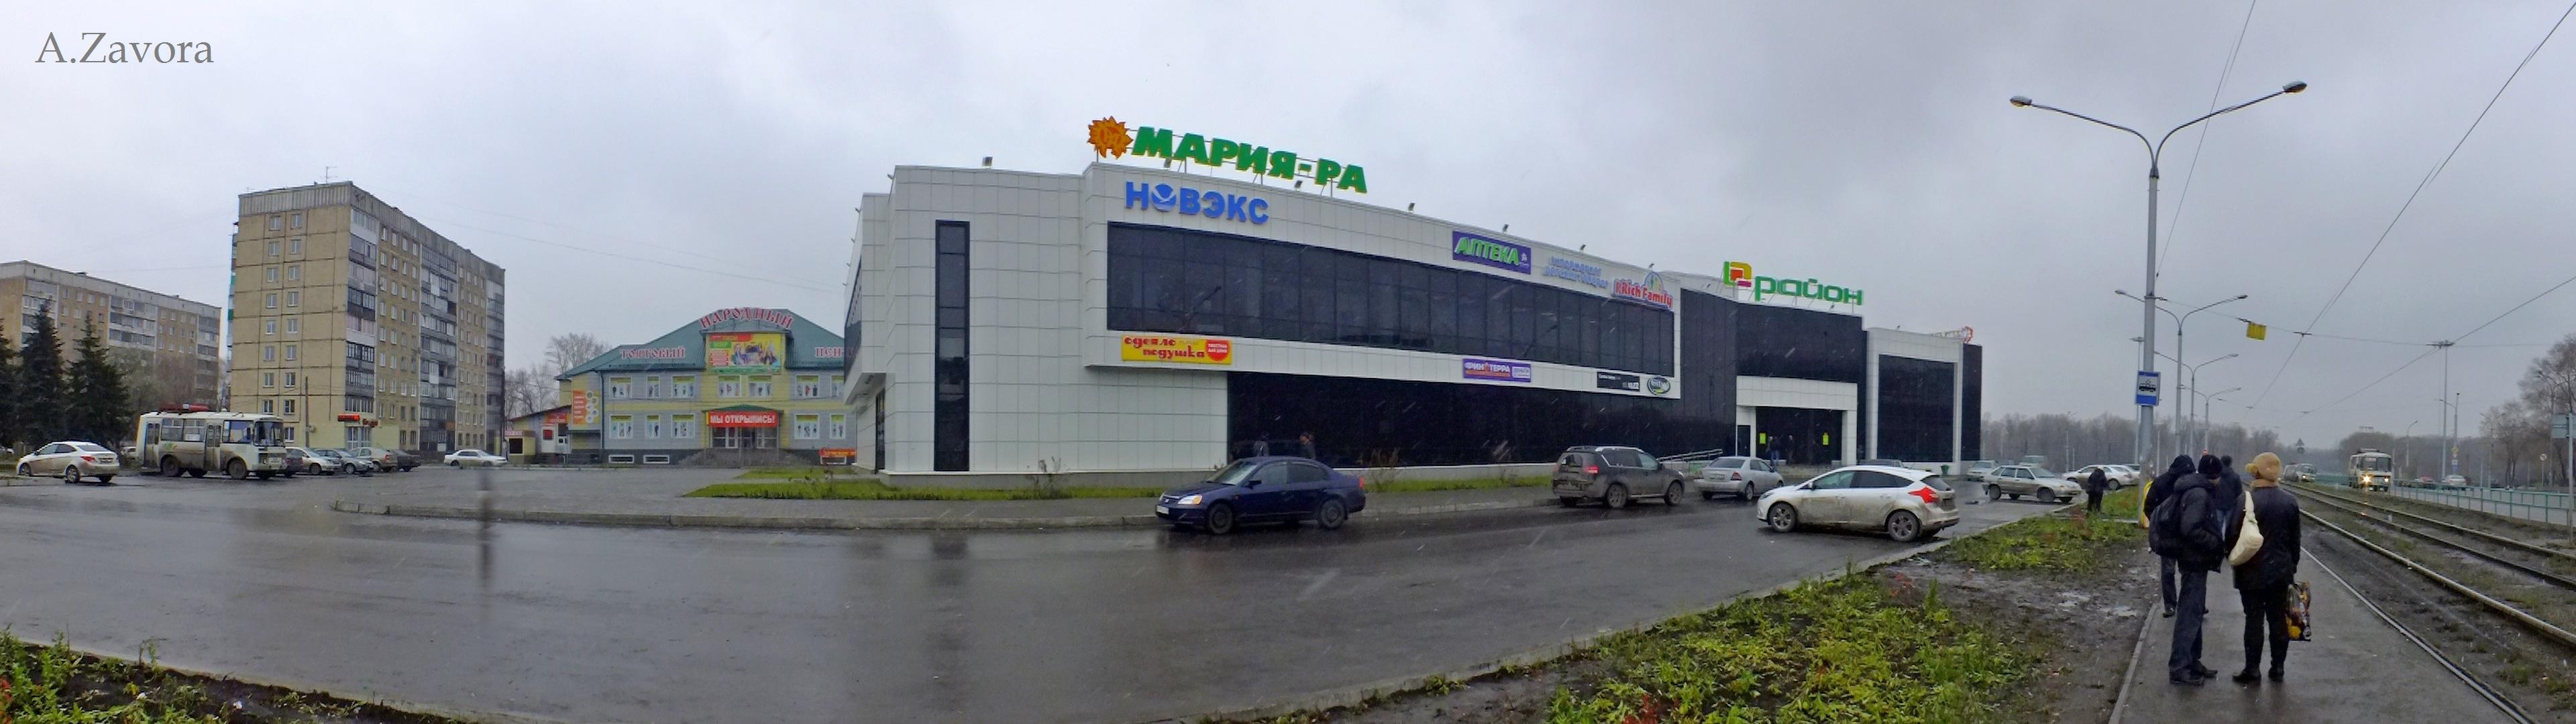 Новокузнецк - Район. Советская площадь. Фото - А. Завора - pic2